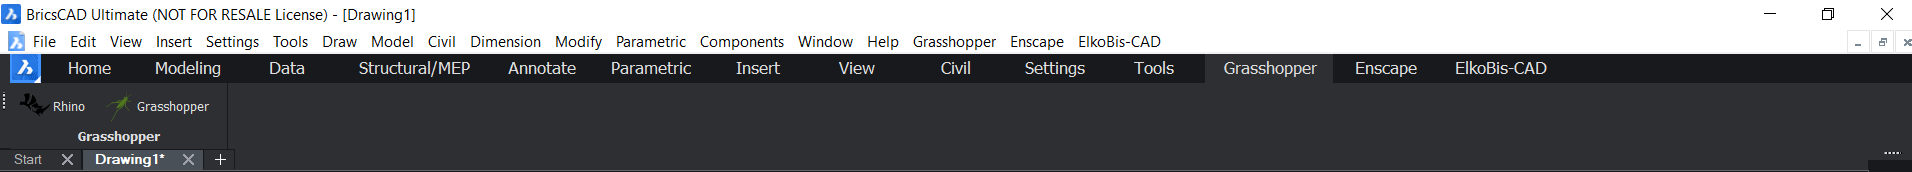 Grasshopper_ribbon